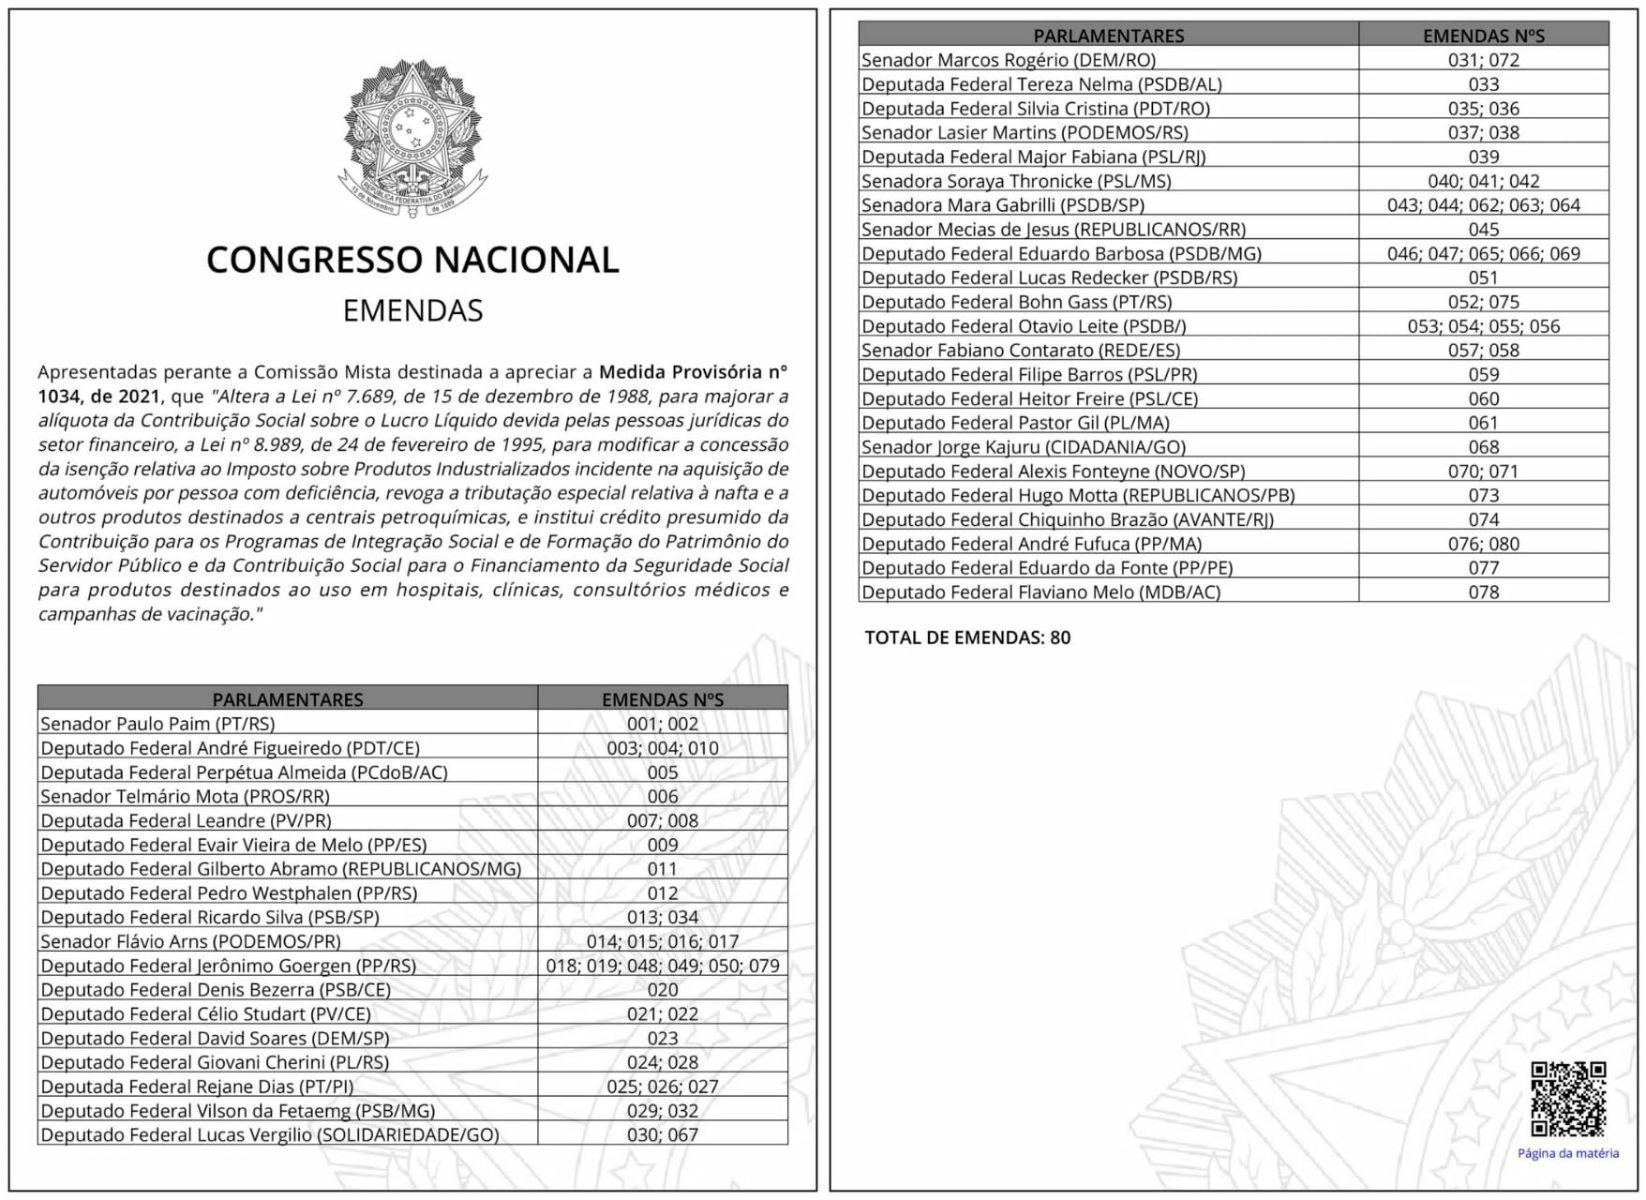 emendas protocoladas no congresso nacional contra o teto da isencao de ipi para pcd